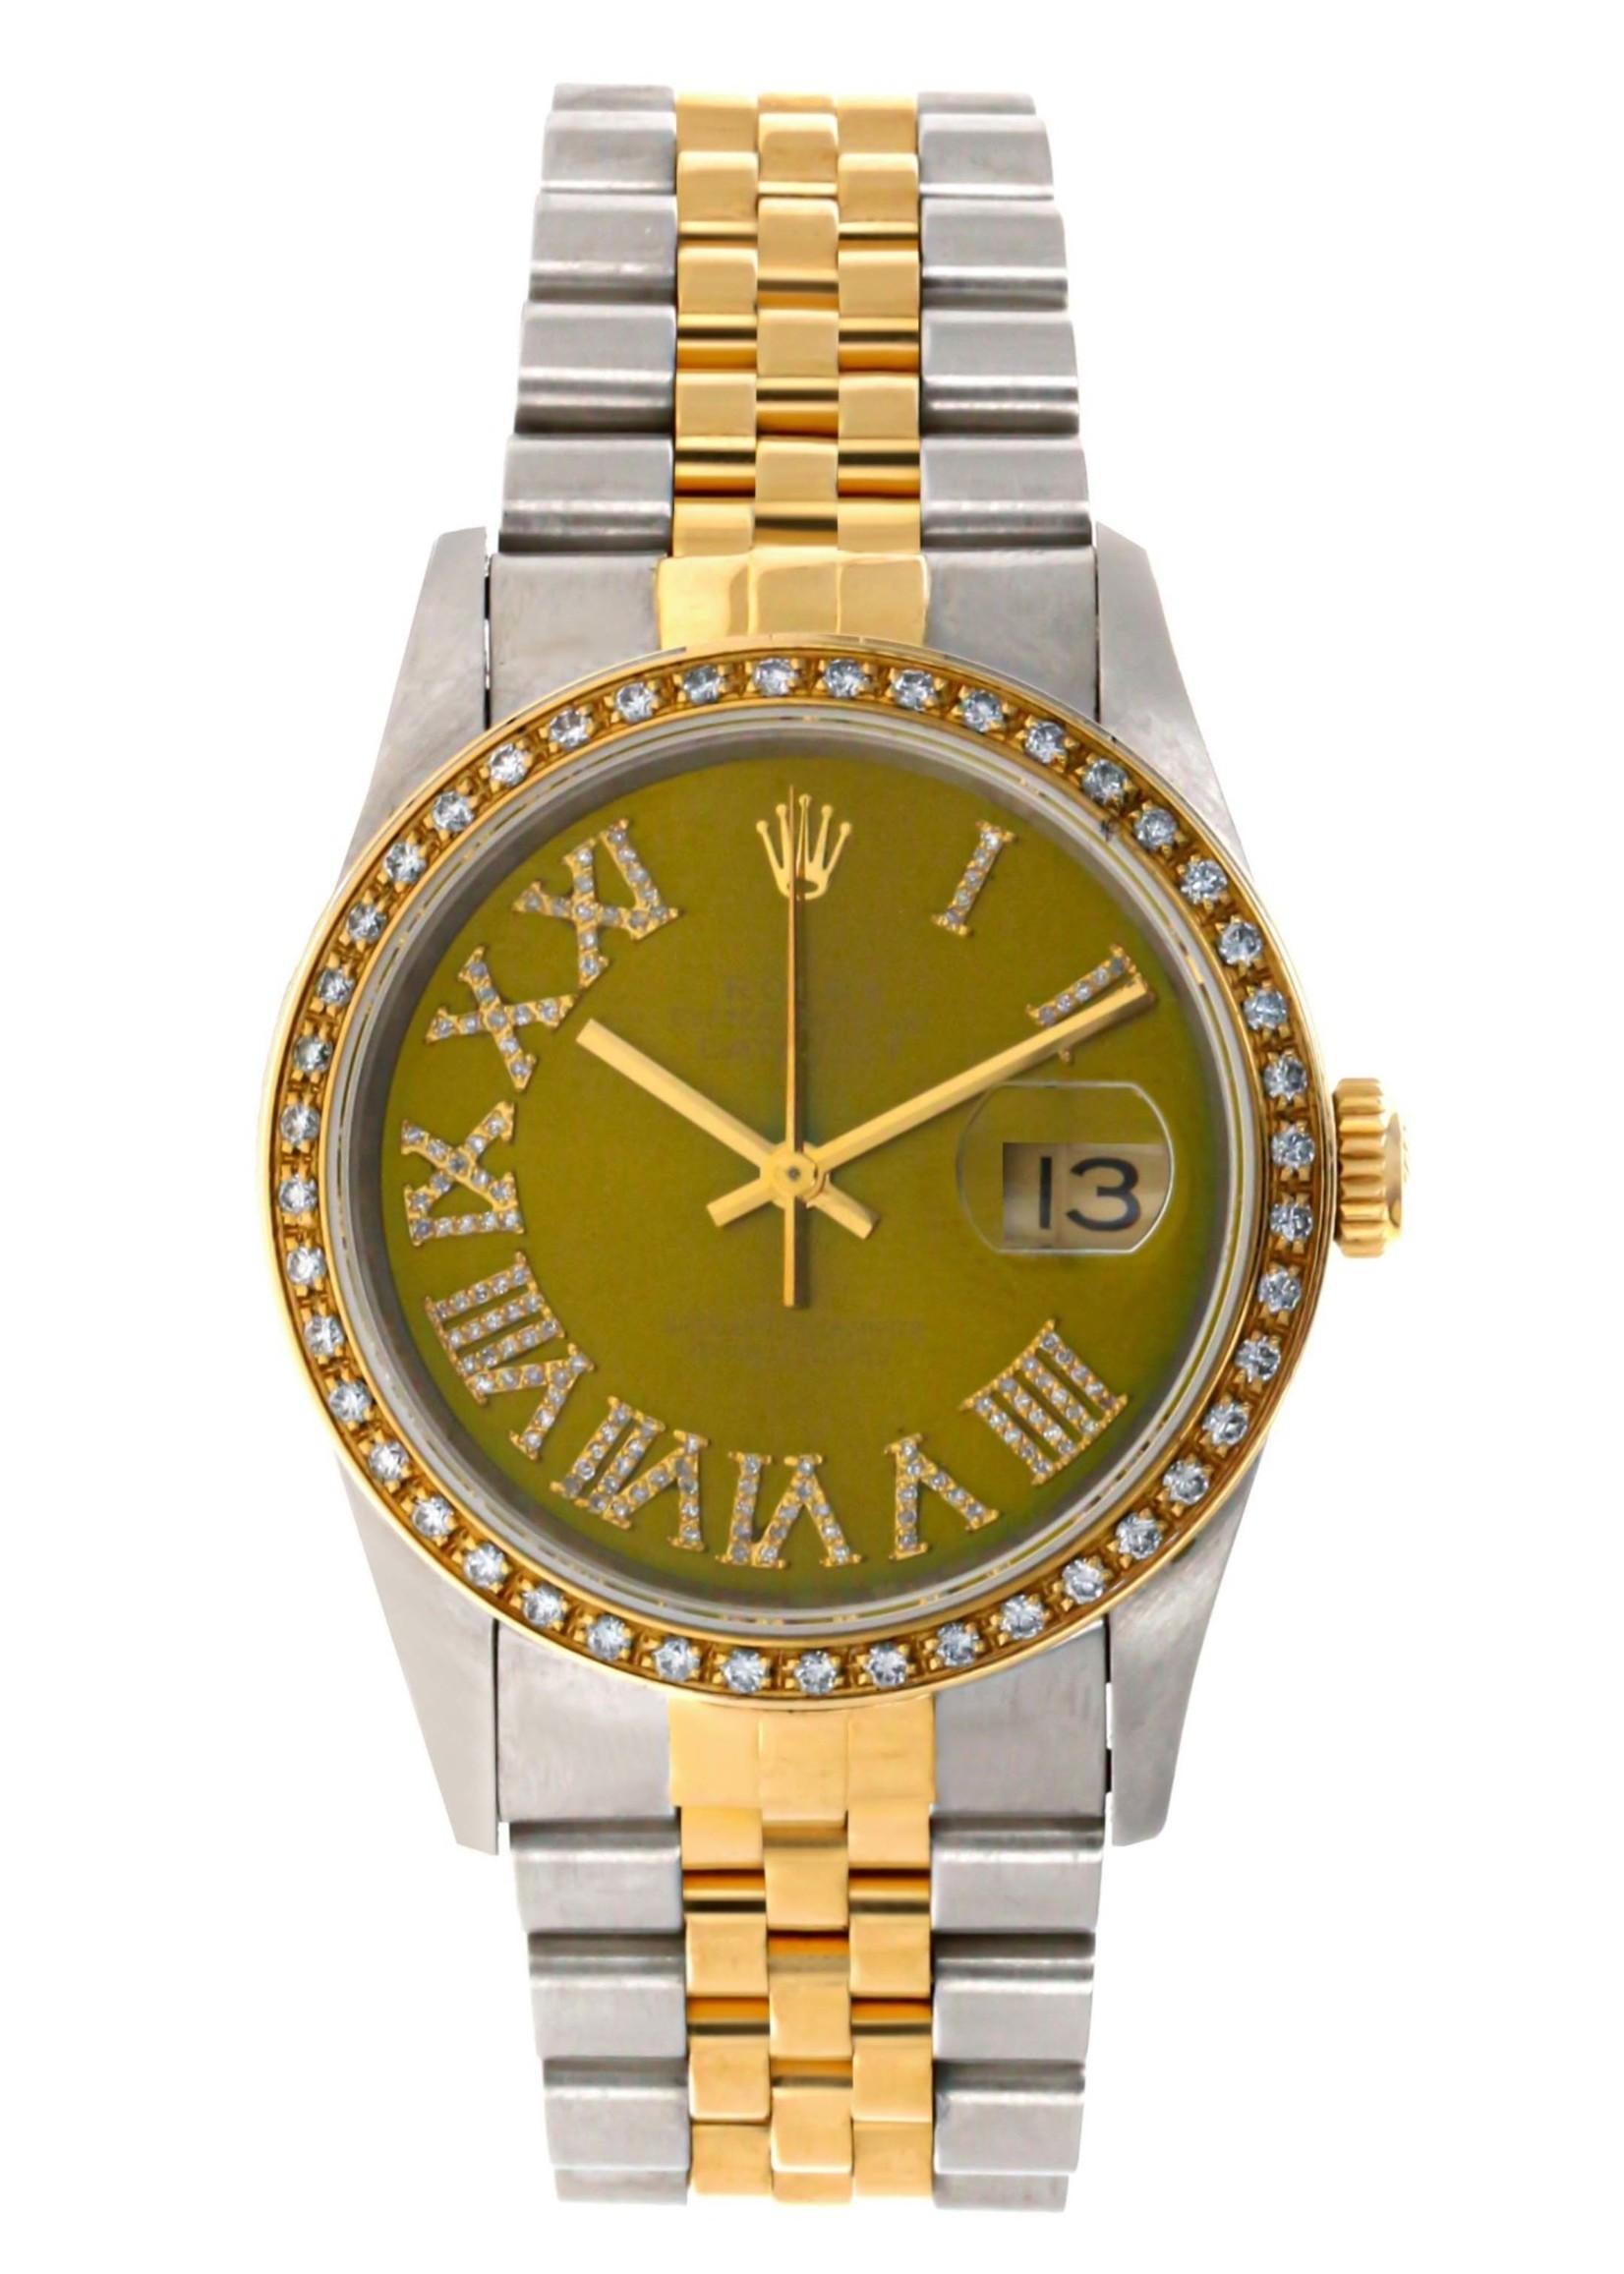 Rolex Rolex Datejust 36MM #16233 (1991)